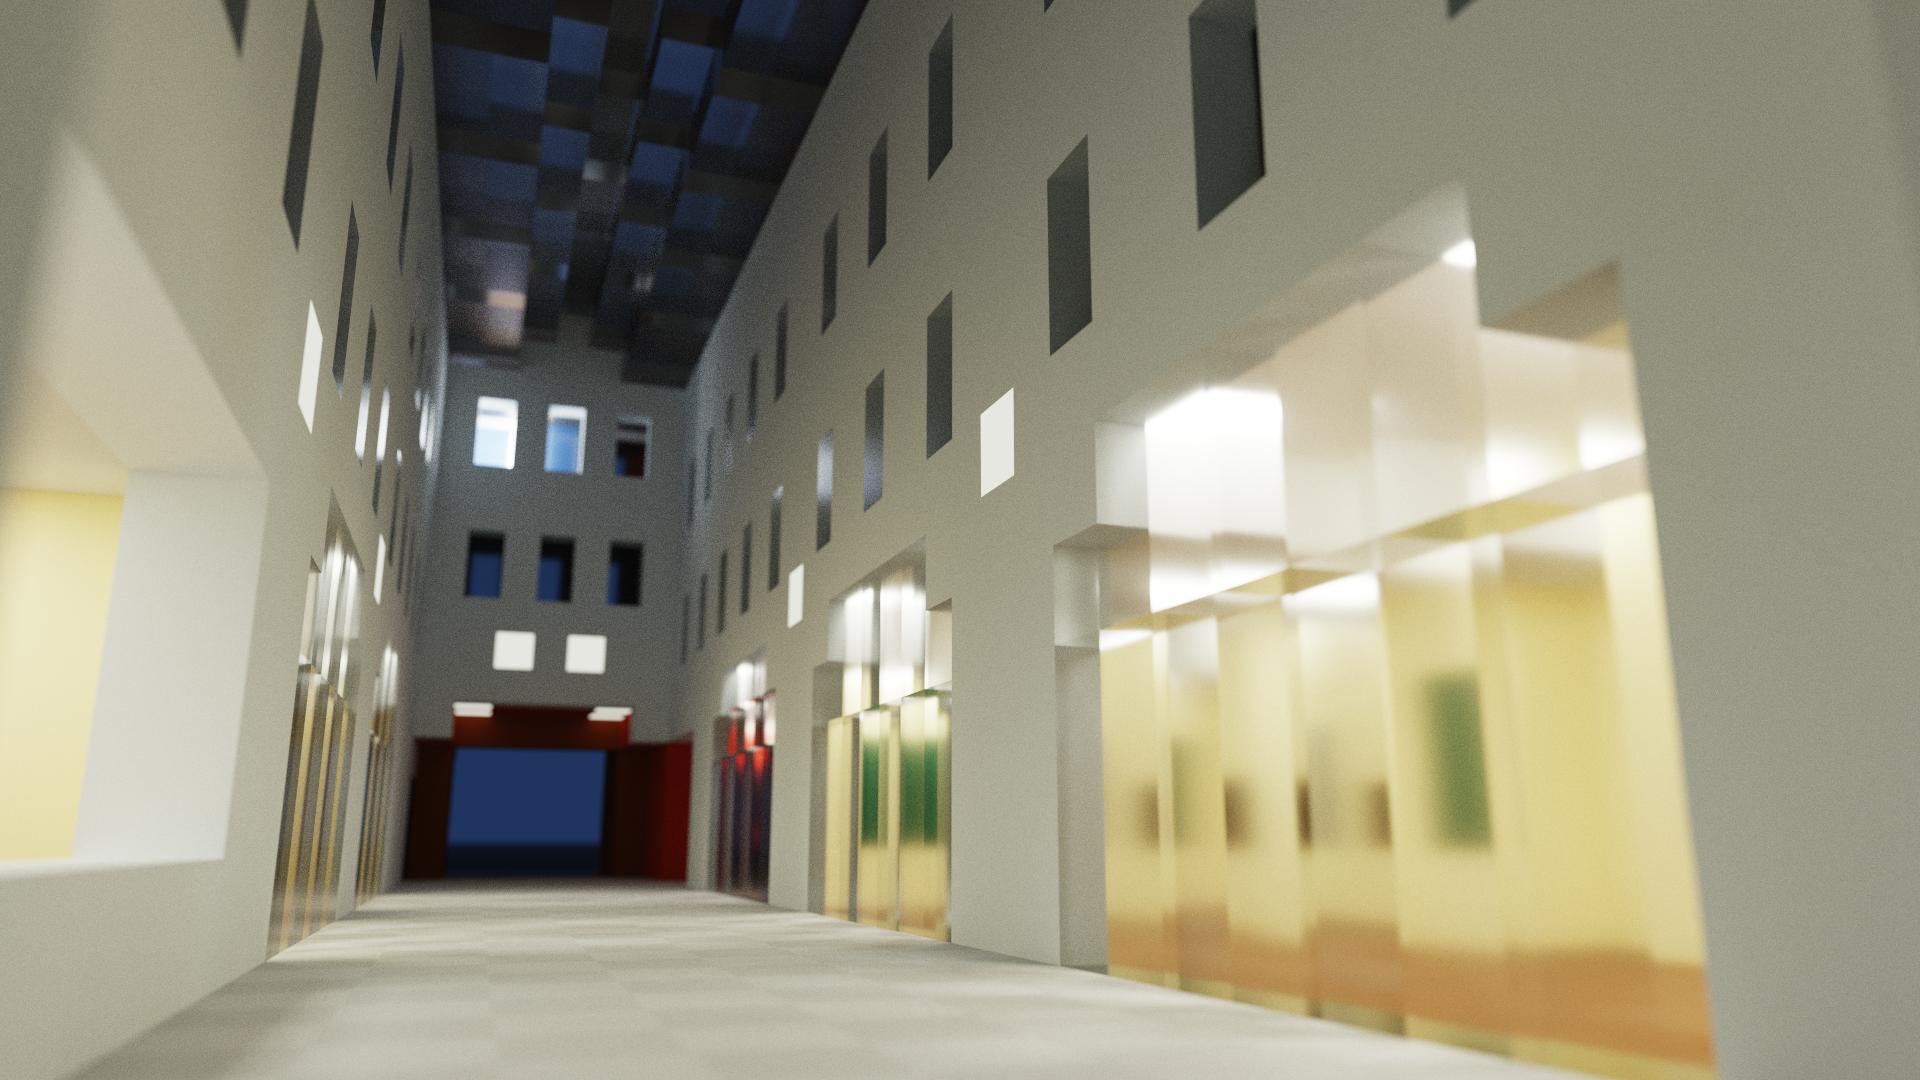 DTNL: The Atrium